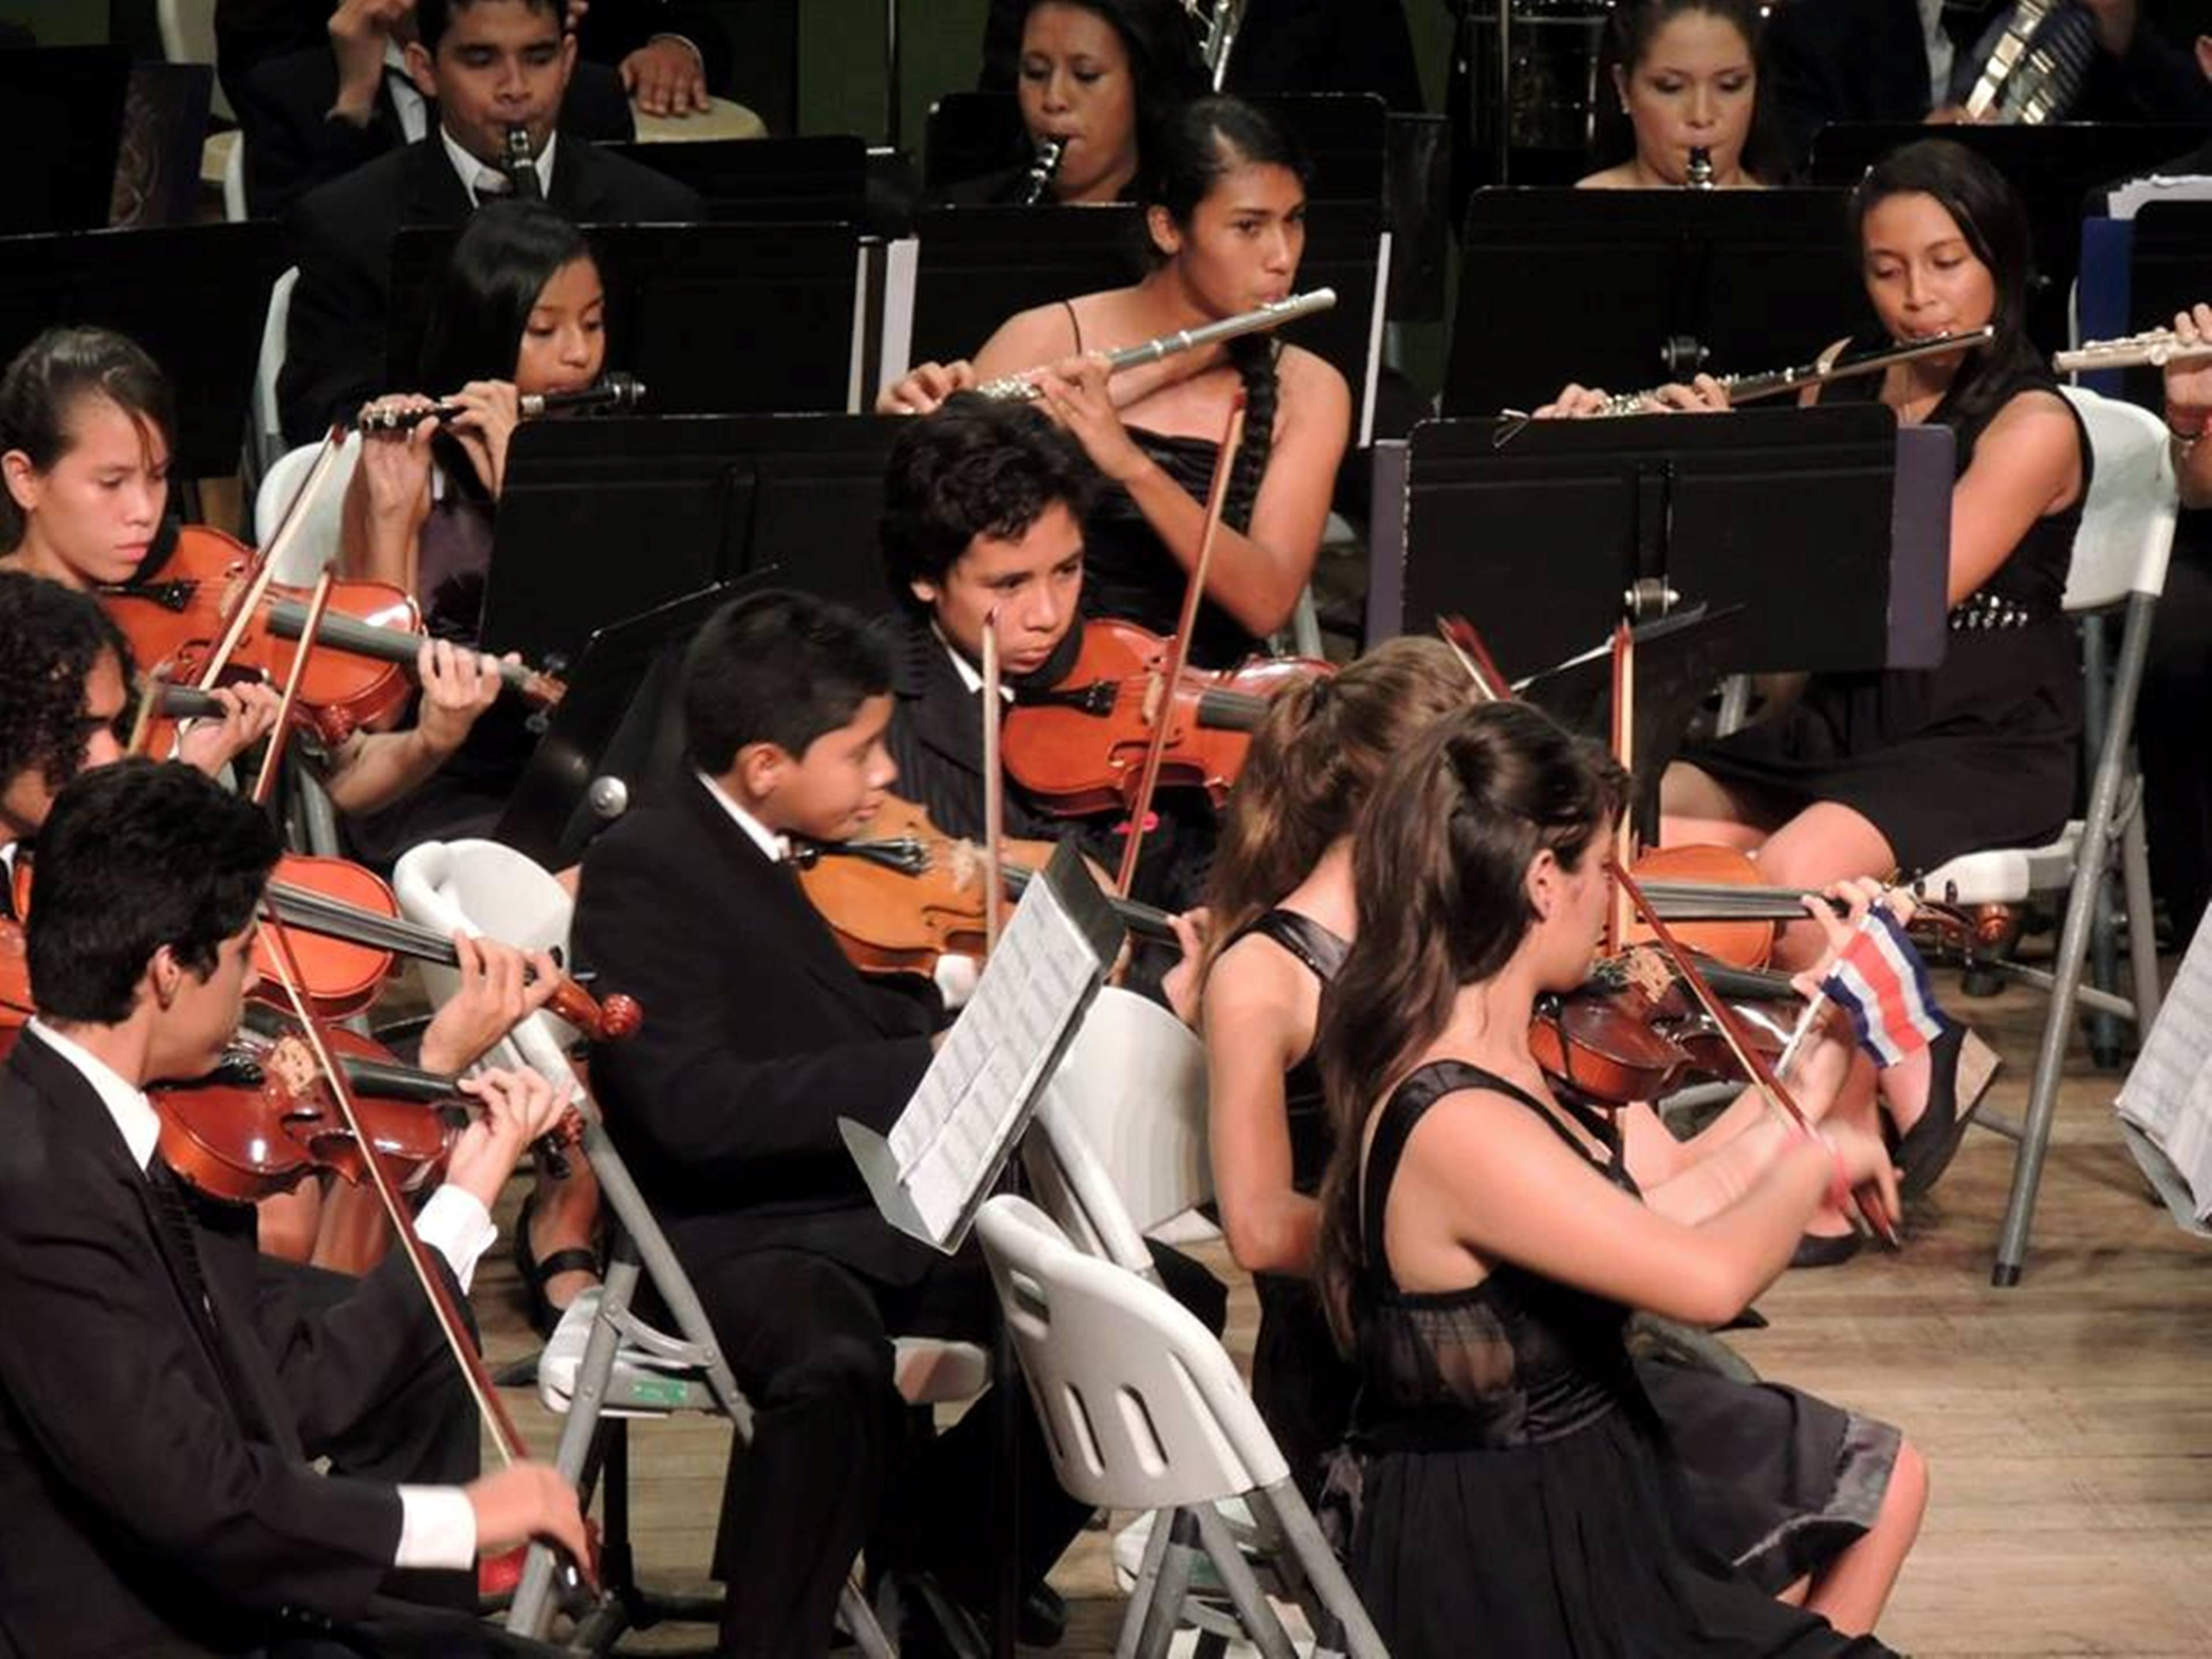 La Escuela de Artes Musicales, junto con la Orquesta Sinfónica 25 de julio y la Banda Sinfónica de la Municipalidad se presentarán.